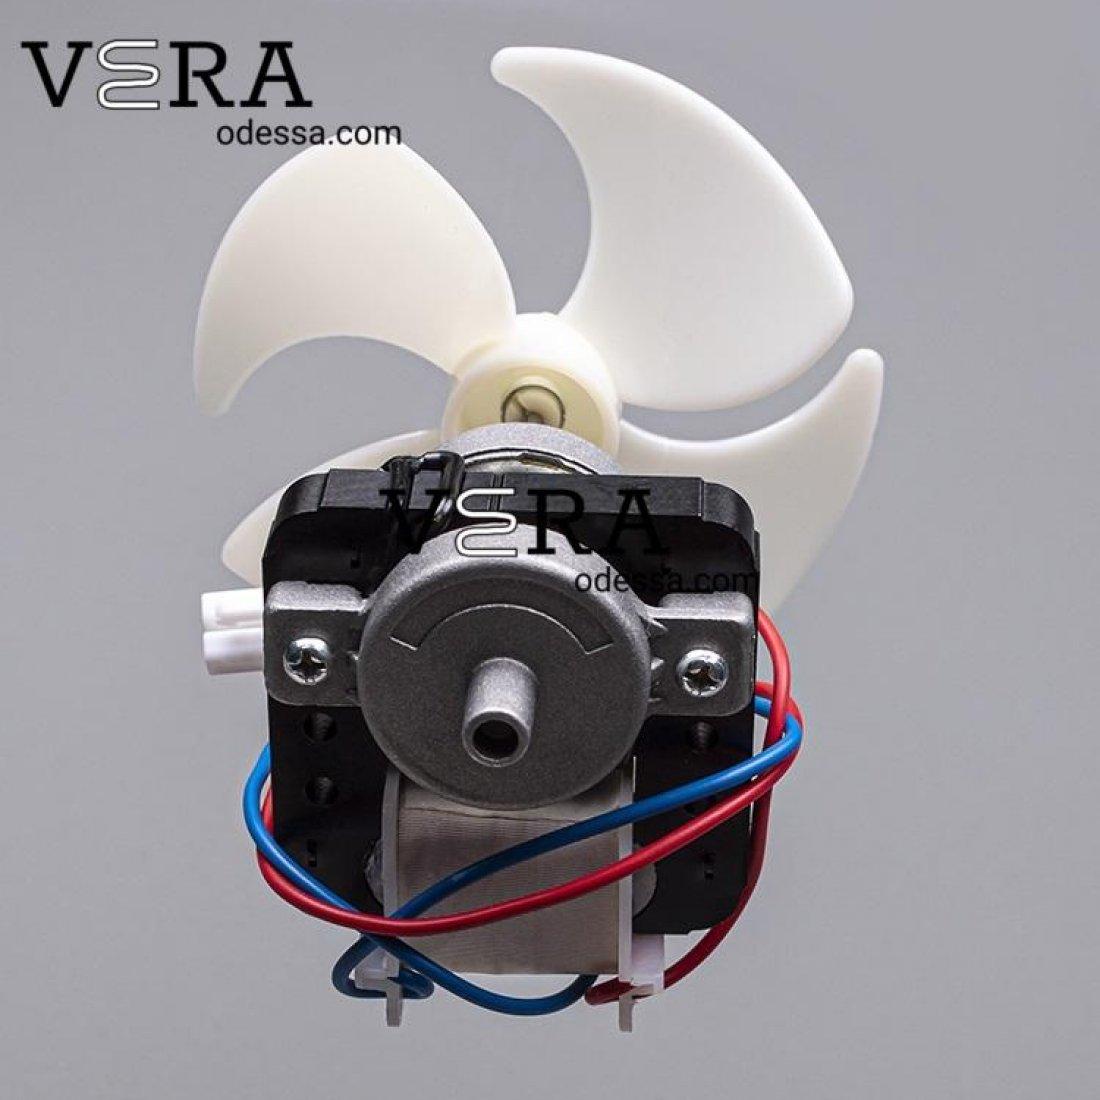 Купить вентилятор обдува NO - FROST 25-3211 холодильников оптом, фотография 2